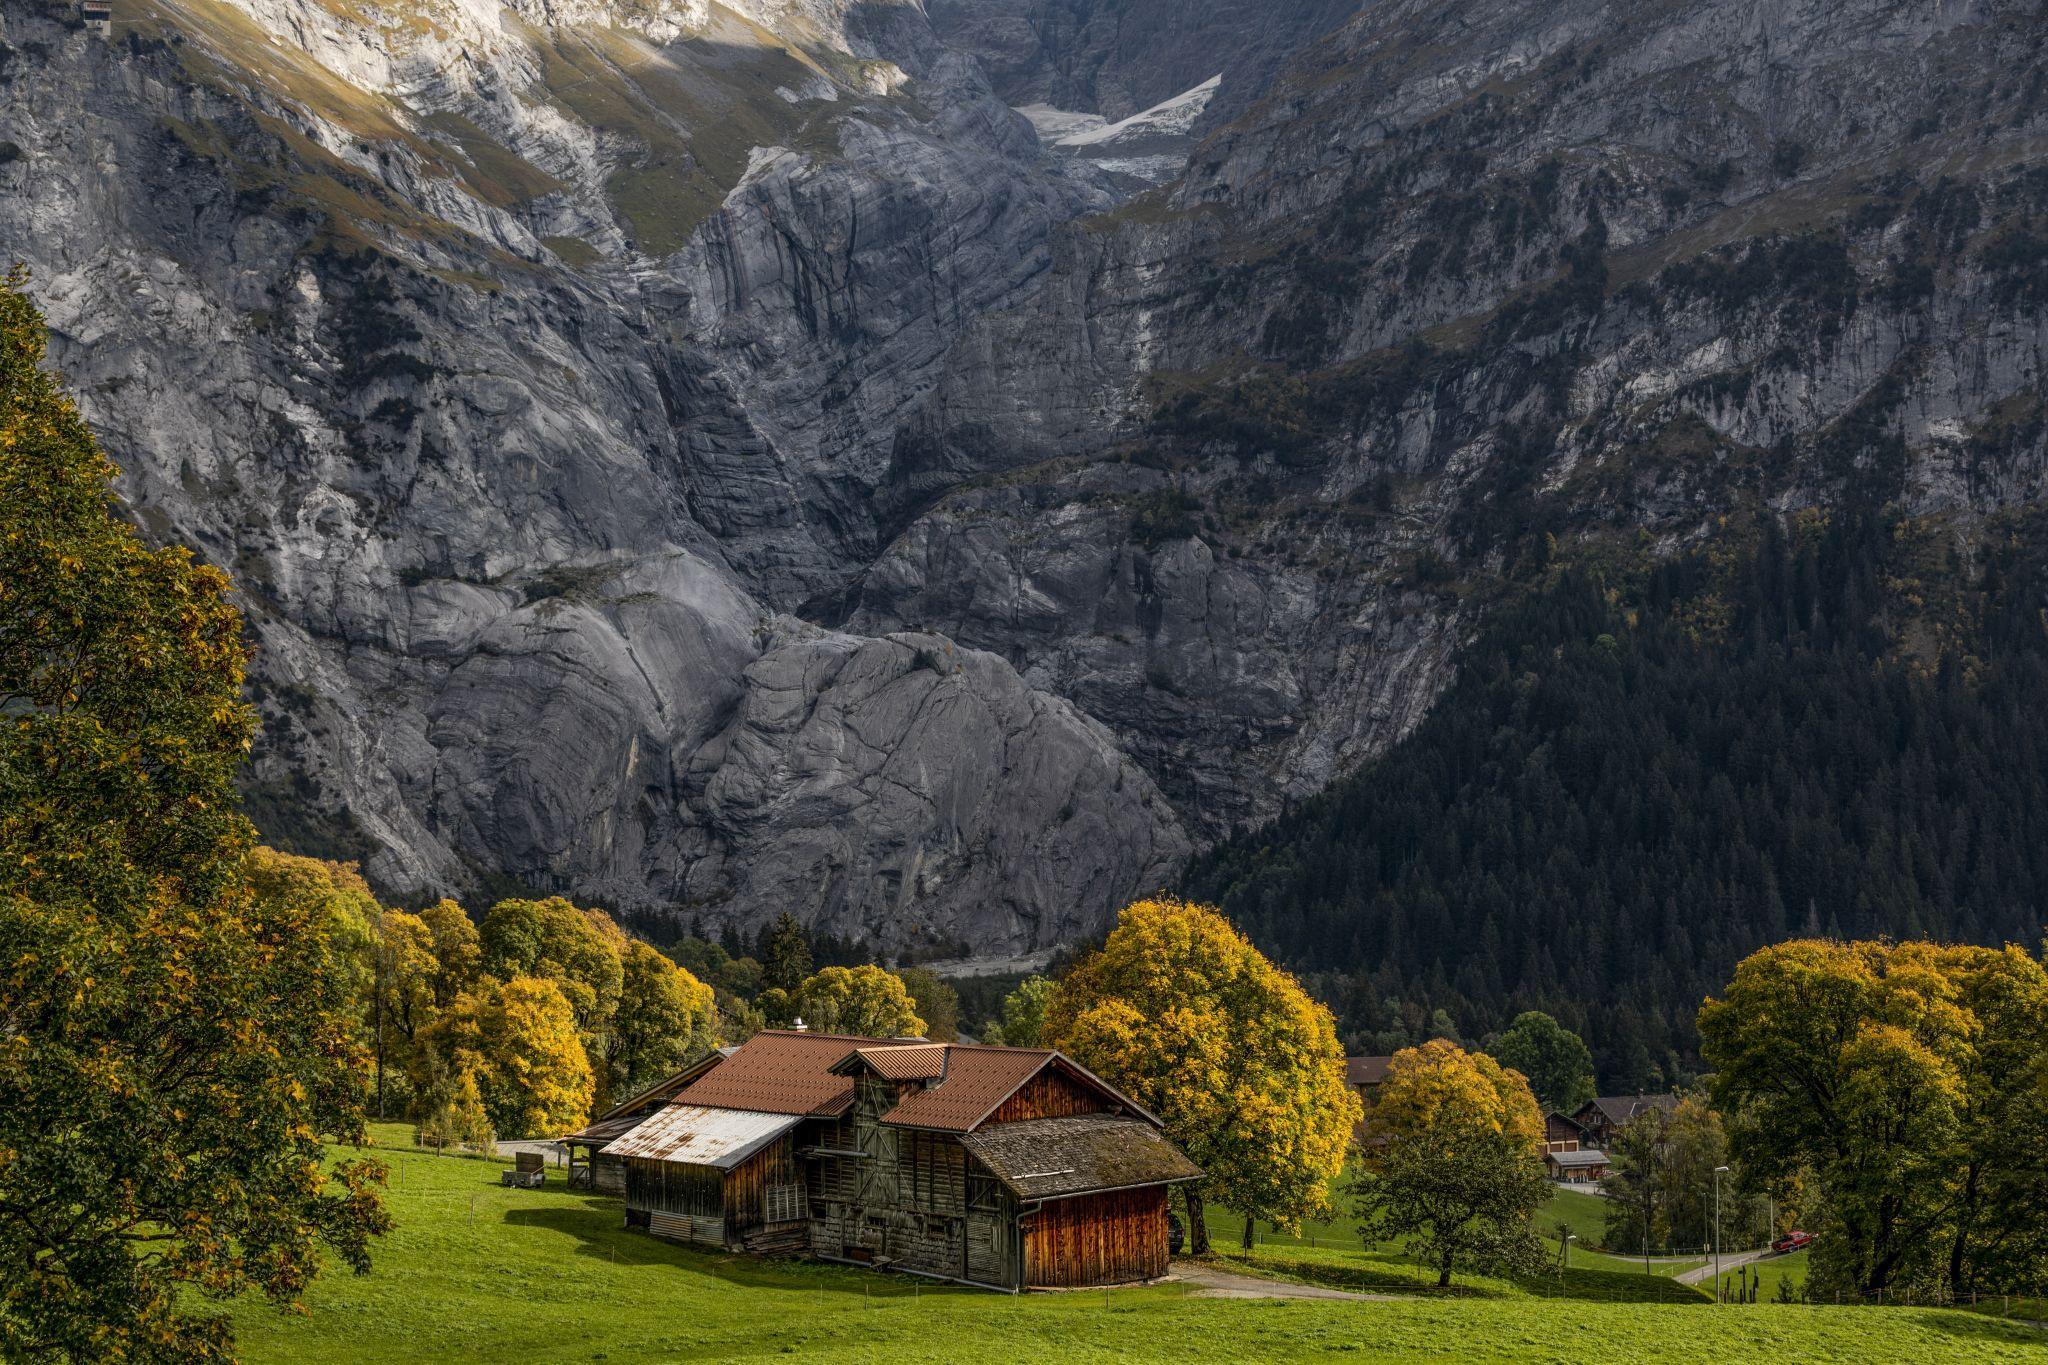 Grindewald, Switzerland, Switzerland